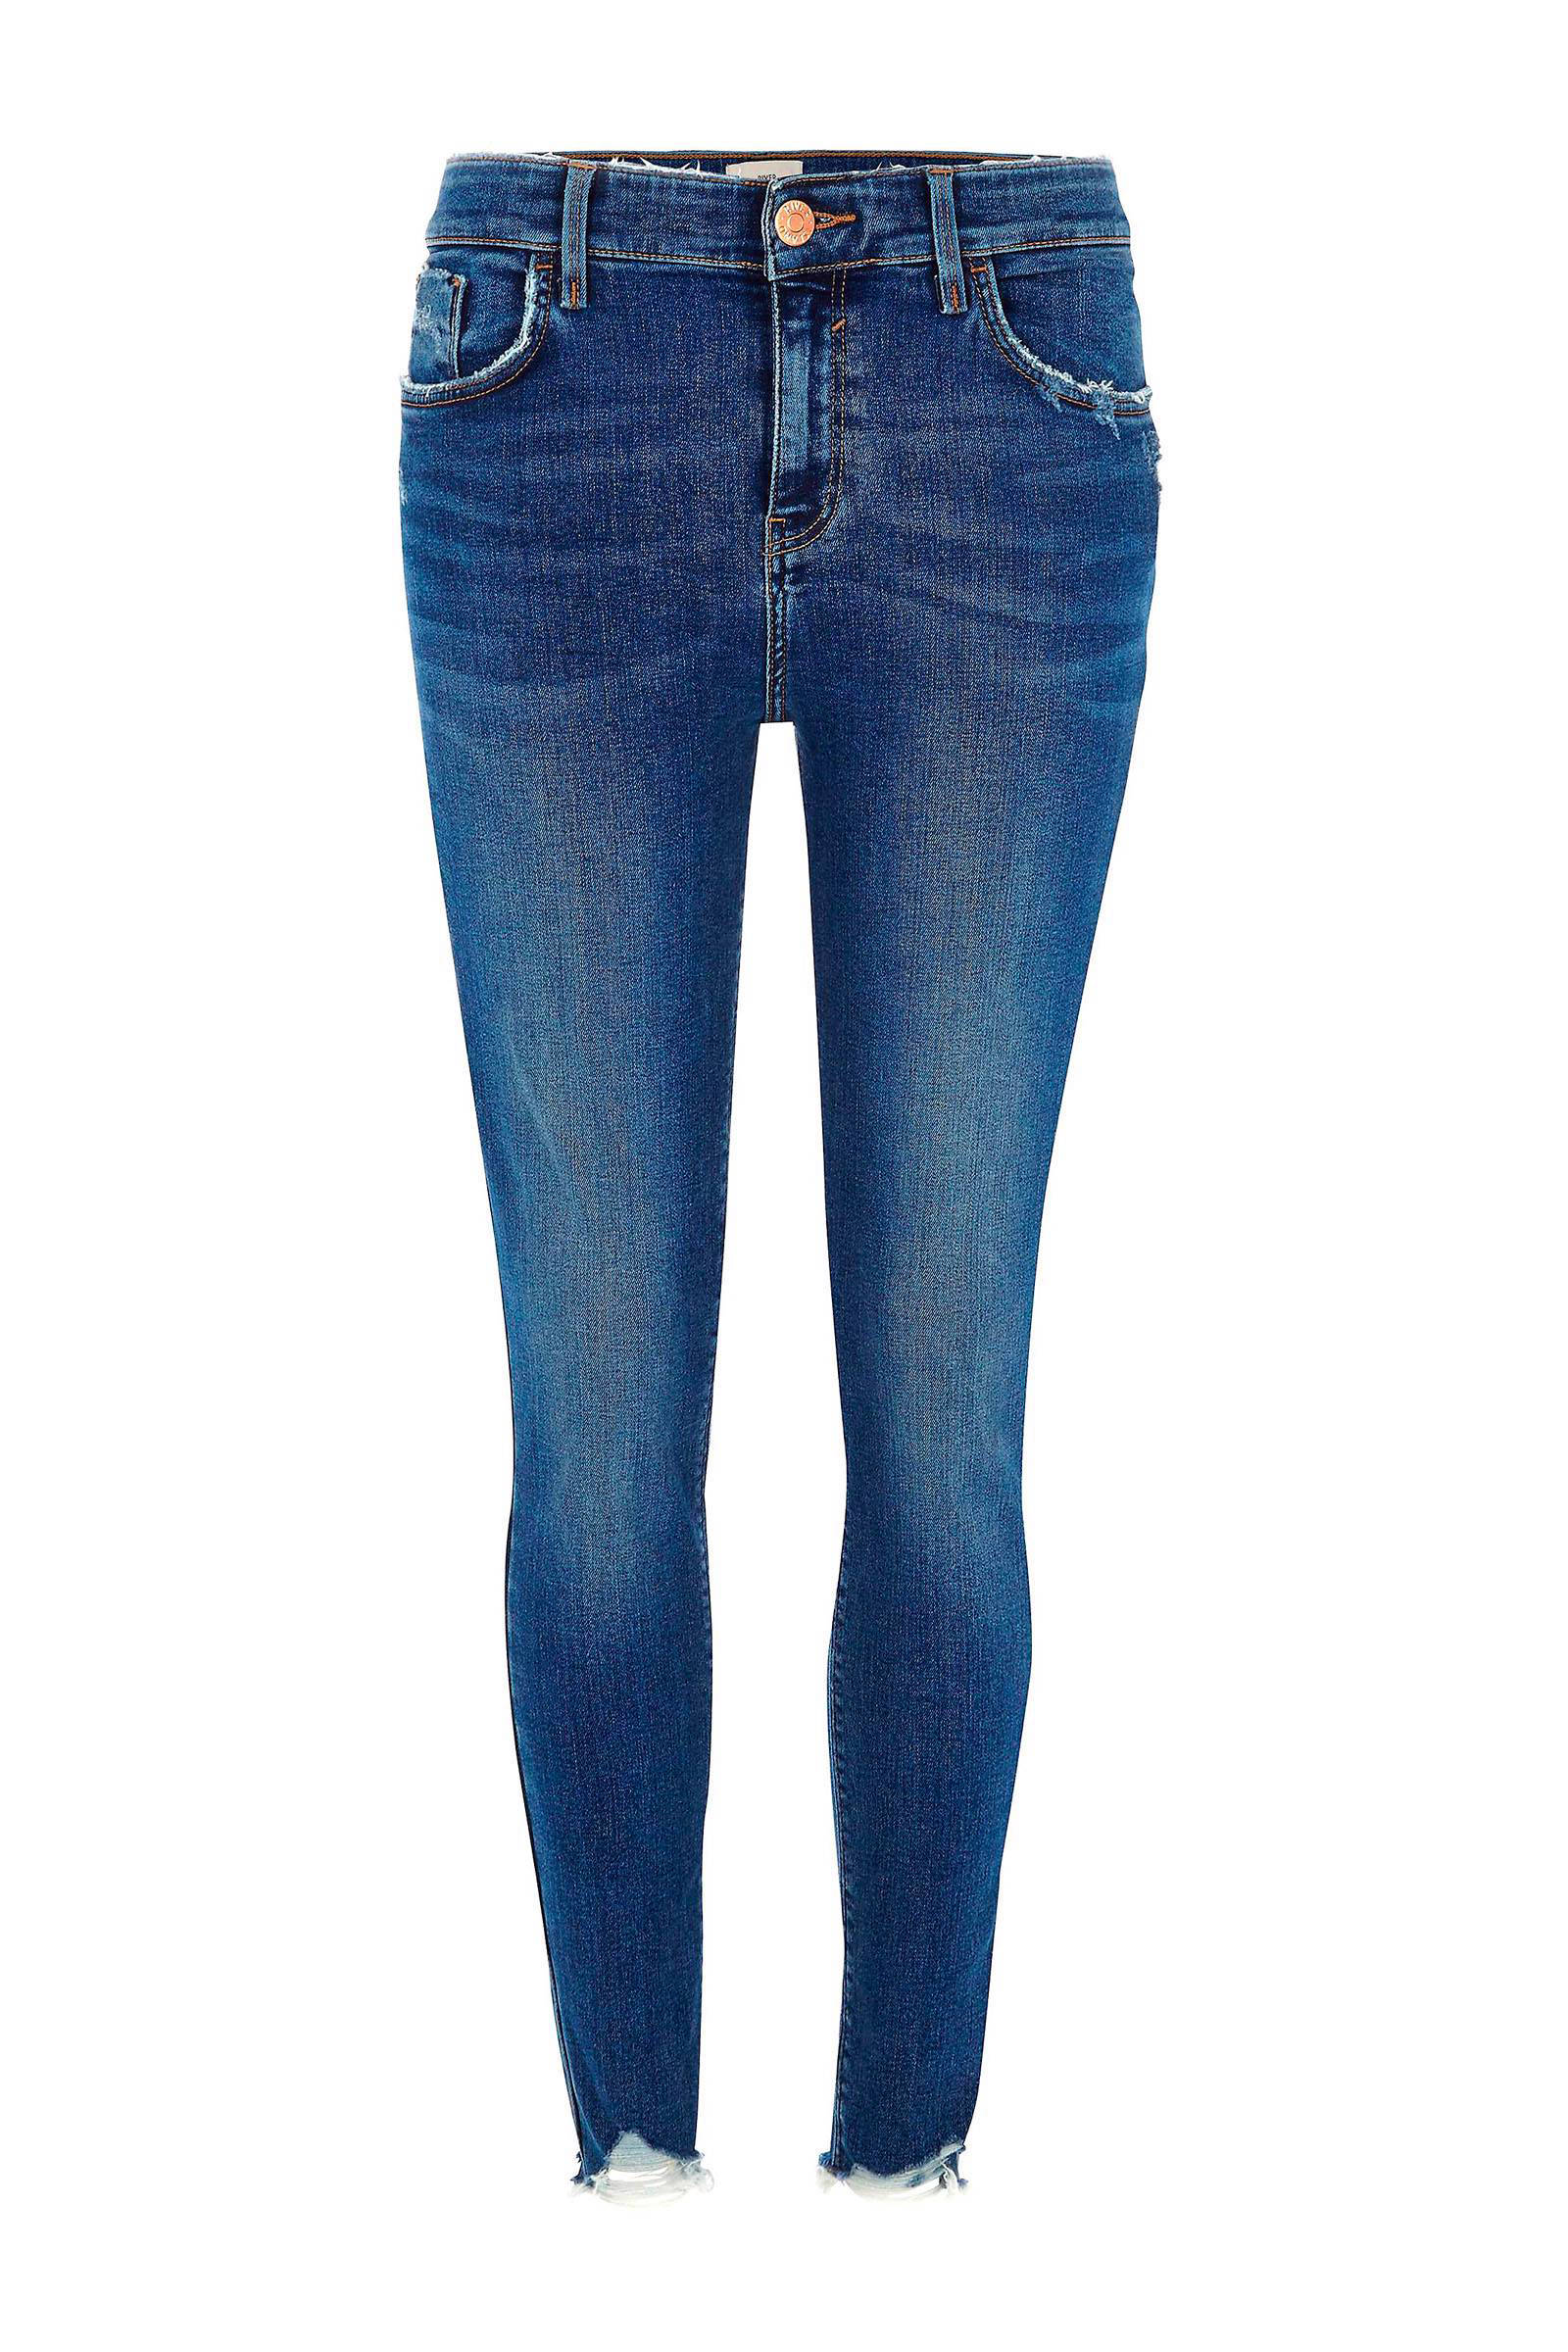 a8b525992fd06c Dames jeans topmerken bij wehkamp - Gratis bezorging vanaf 20.-